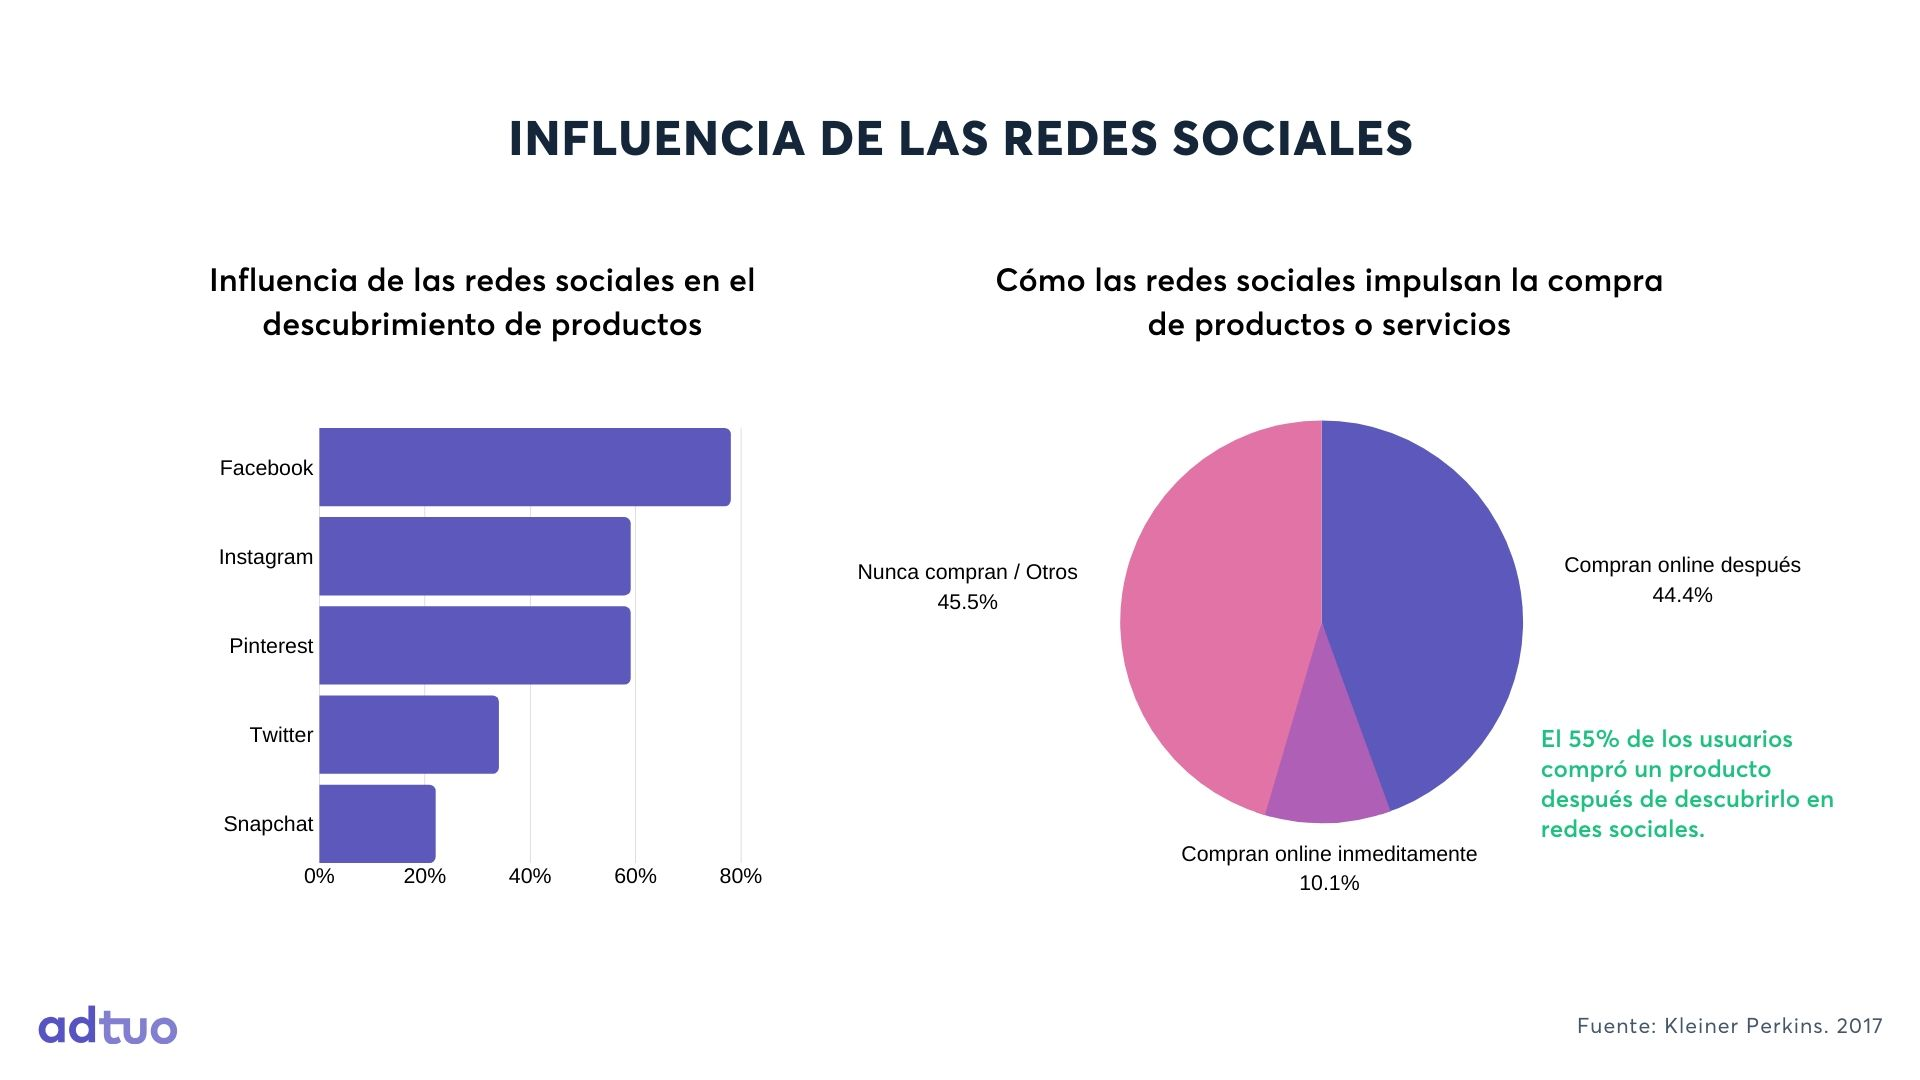 Influencia de las redes sociales en el descubrimiento de productos y compra